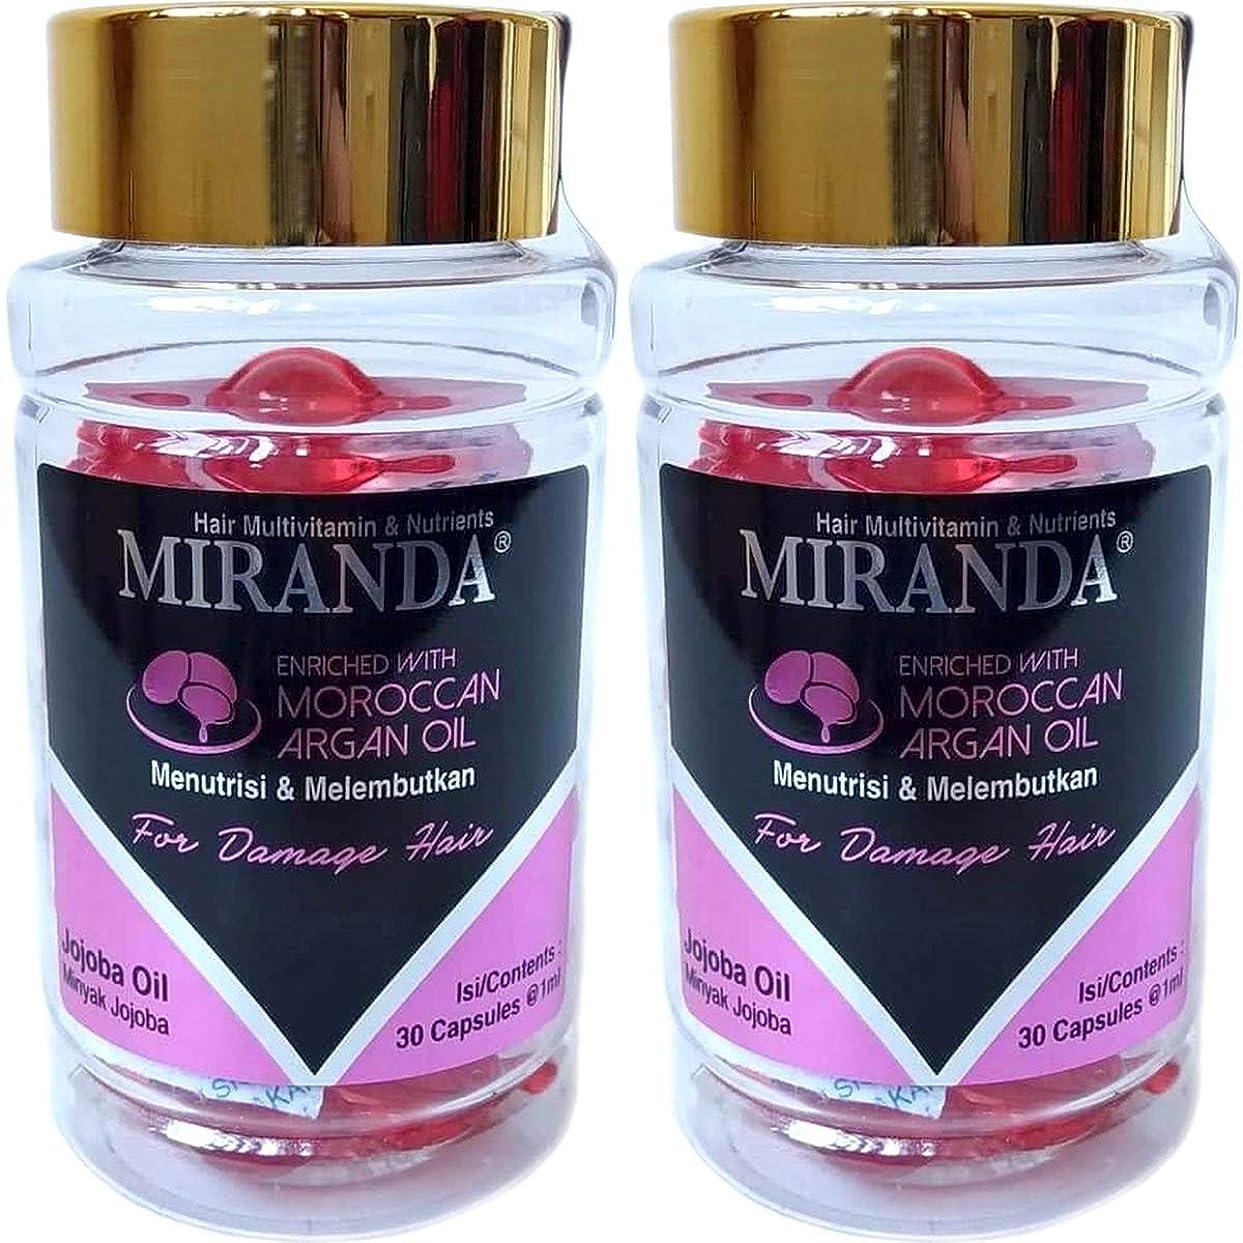 維持する面白い論争の的MIRANDA ミランダ Hair Multivitamin&Nutrients ヘアマルチビタミン ニュートリエンツ 洗い流さないヘアトリートメント 30粒入ボトル×2個セット Jojoba oil ホホバオイル [海外直送品]